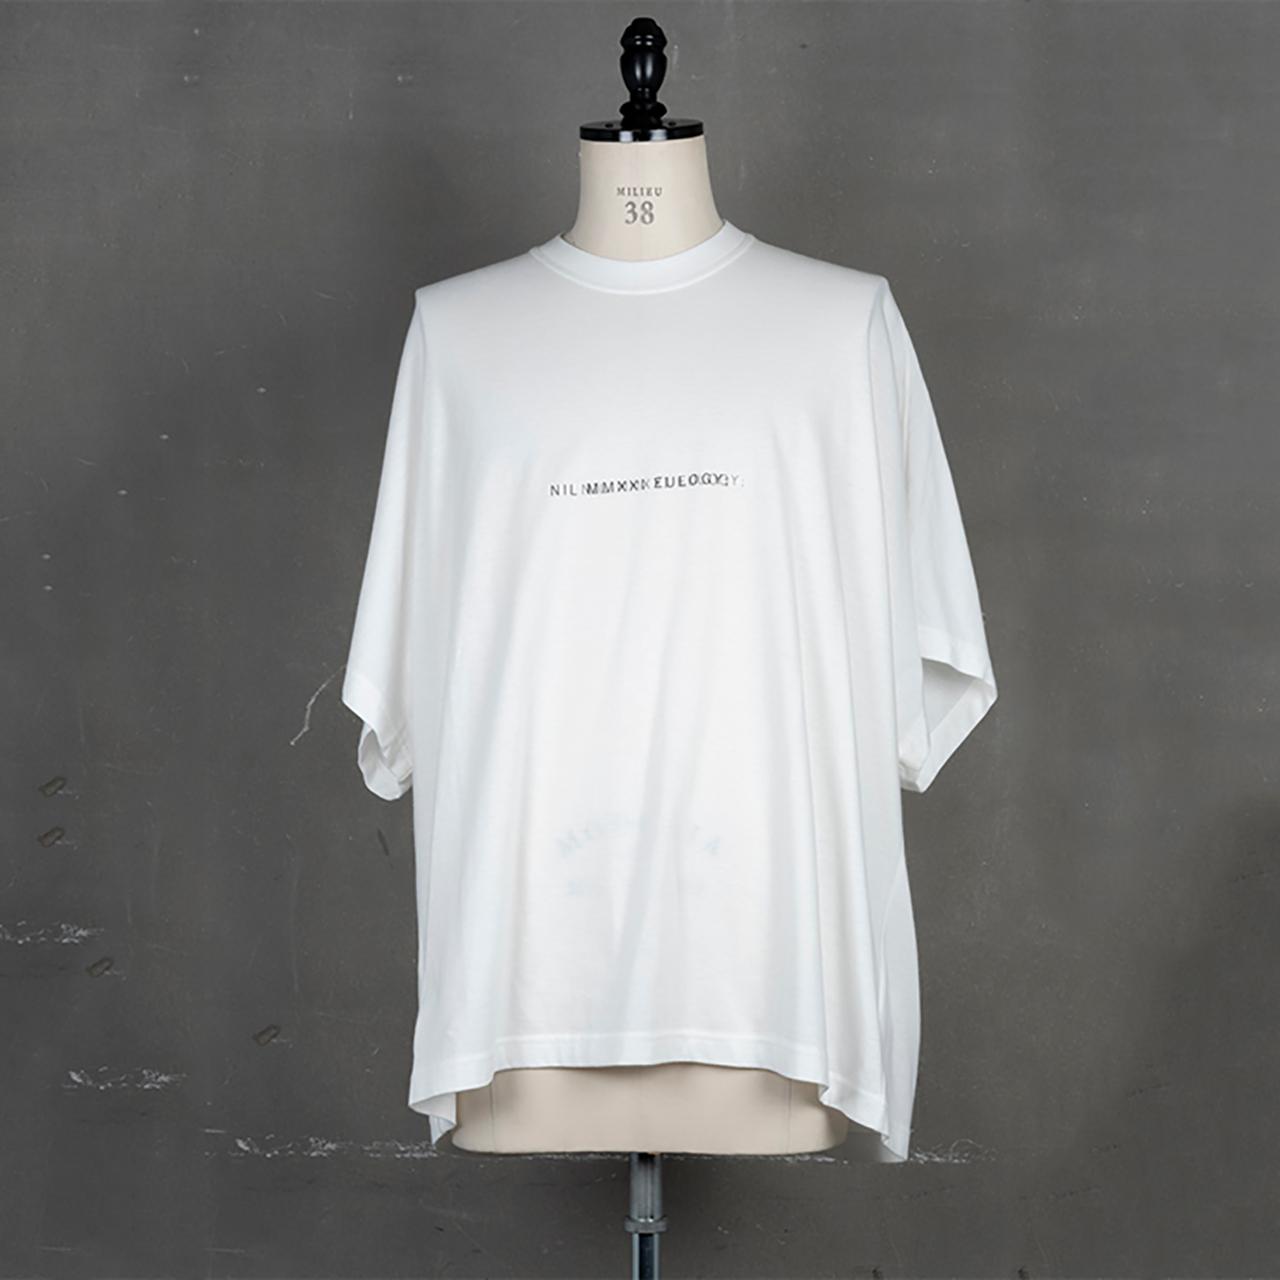 [ 2021 春夏 予約商品 ] 740CPM2-WHITE / NILøS プリント Tシャツ ver.2 / 1月入荷予定